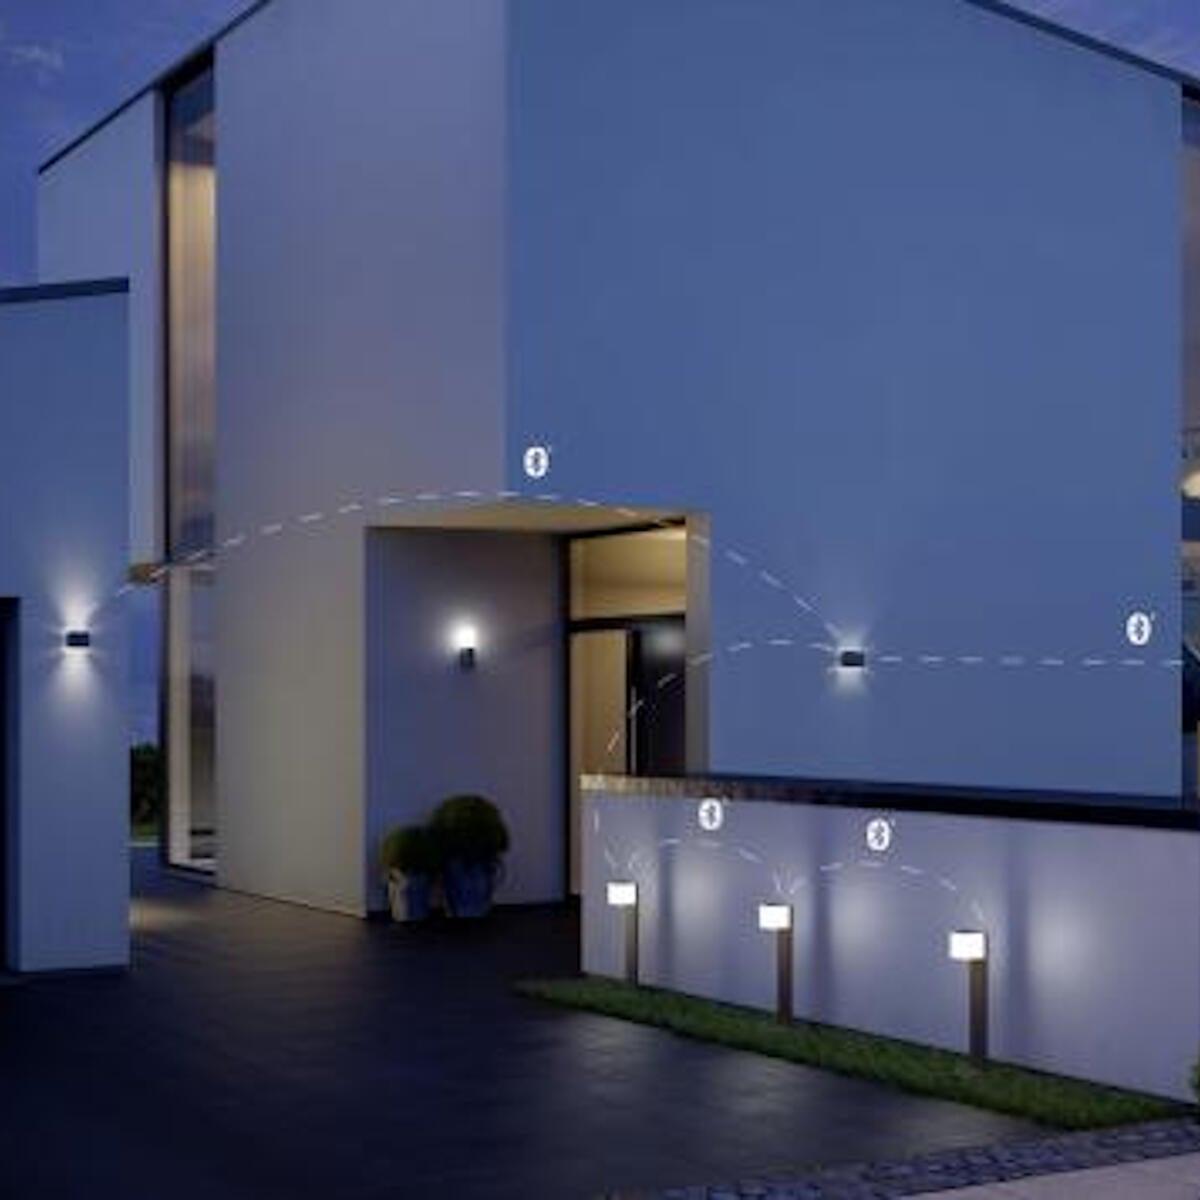 Applique L 835 LED integrato con sensore di movimento, grigio, 9.5W 586LM IP44 STEINEL - 7